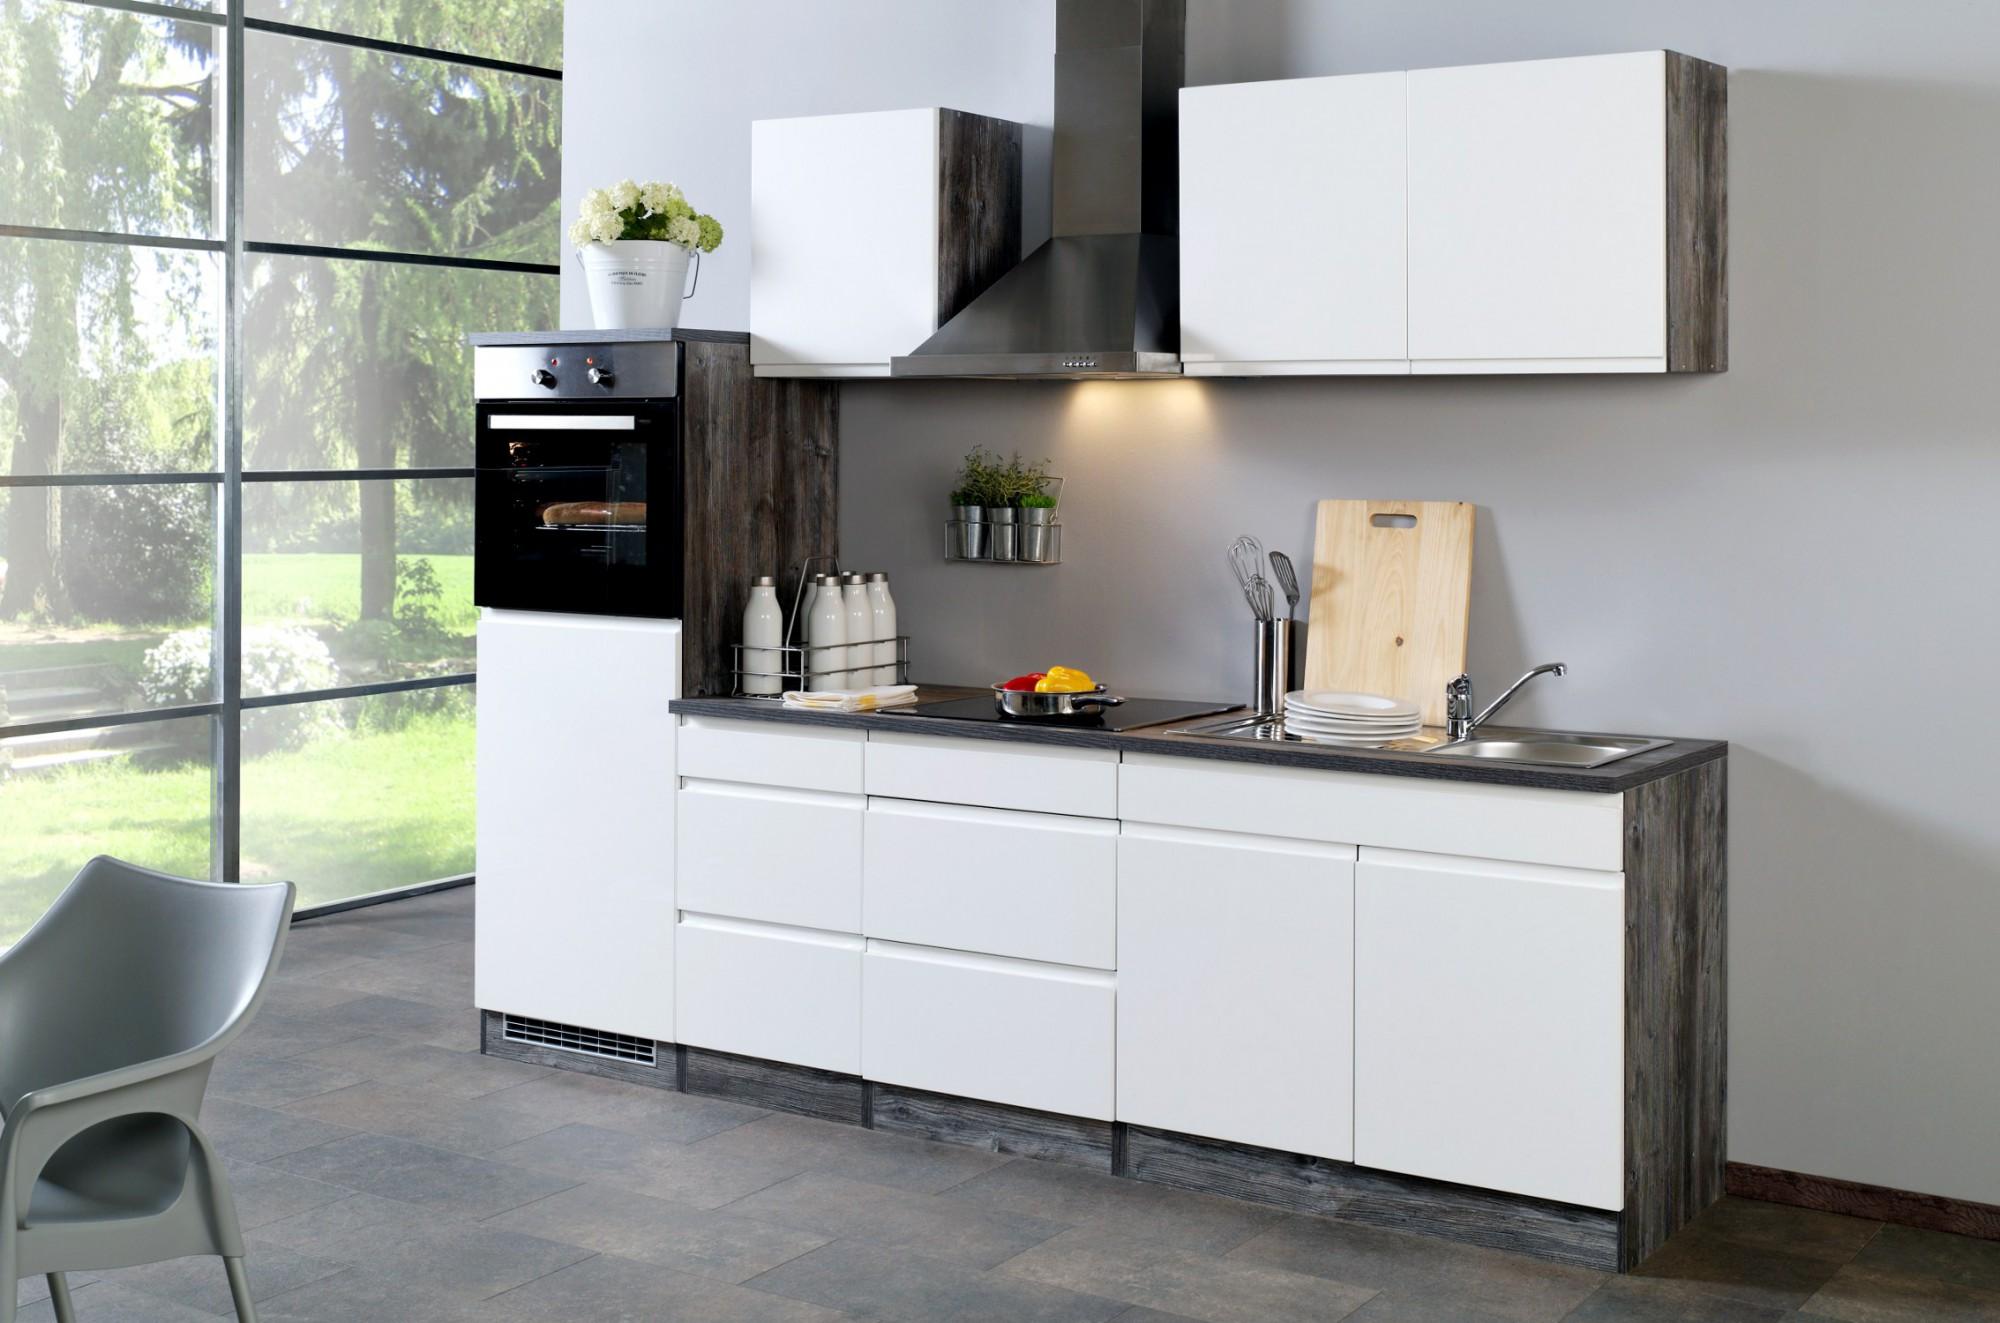 k chen eckunterschrank cardiff 1 t rig 110 cm breit hochglanz wei k che k chen unterschr nke. Black Bedroom Furniture Sets. Home Design Ideas